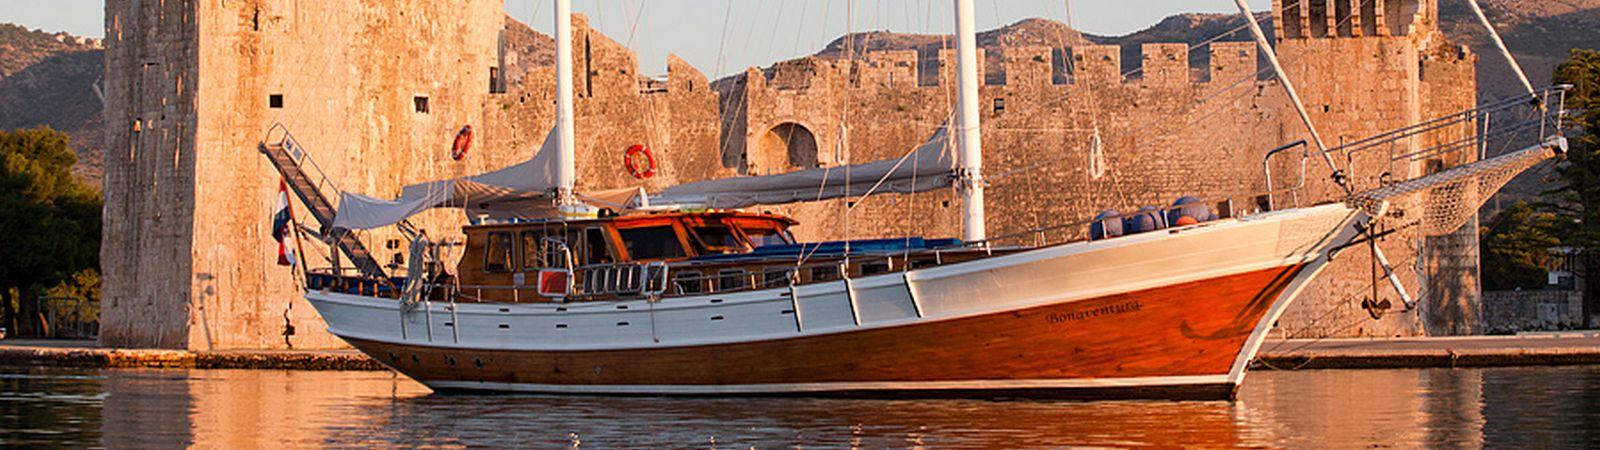 yacht-slider-1